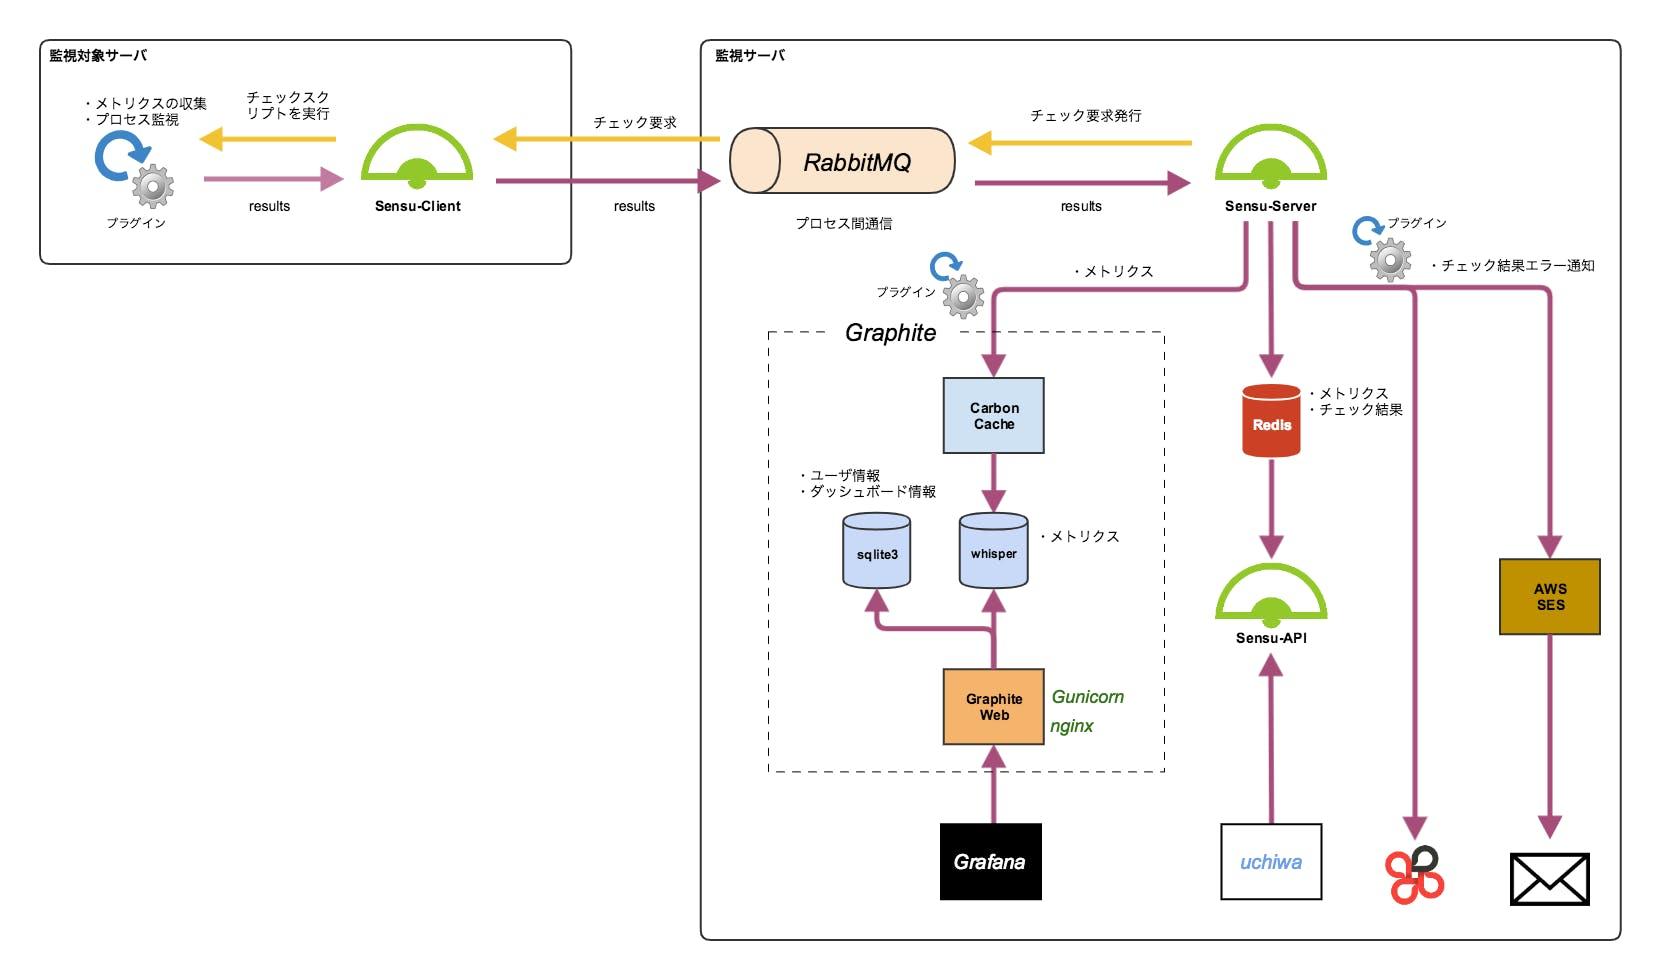 監視構成図.png